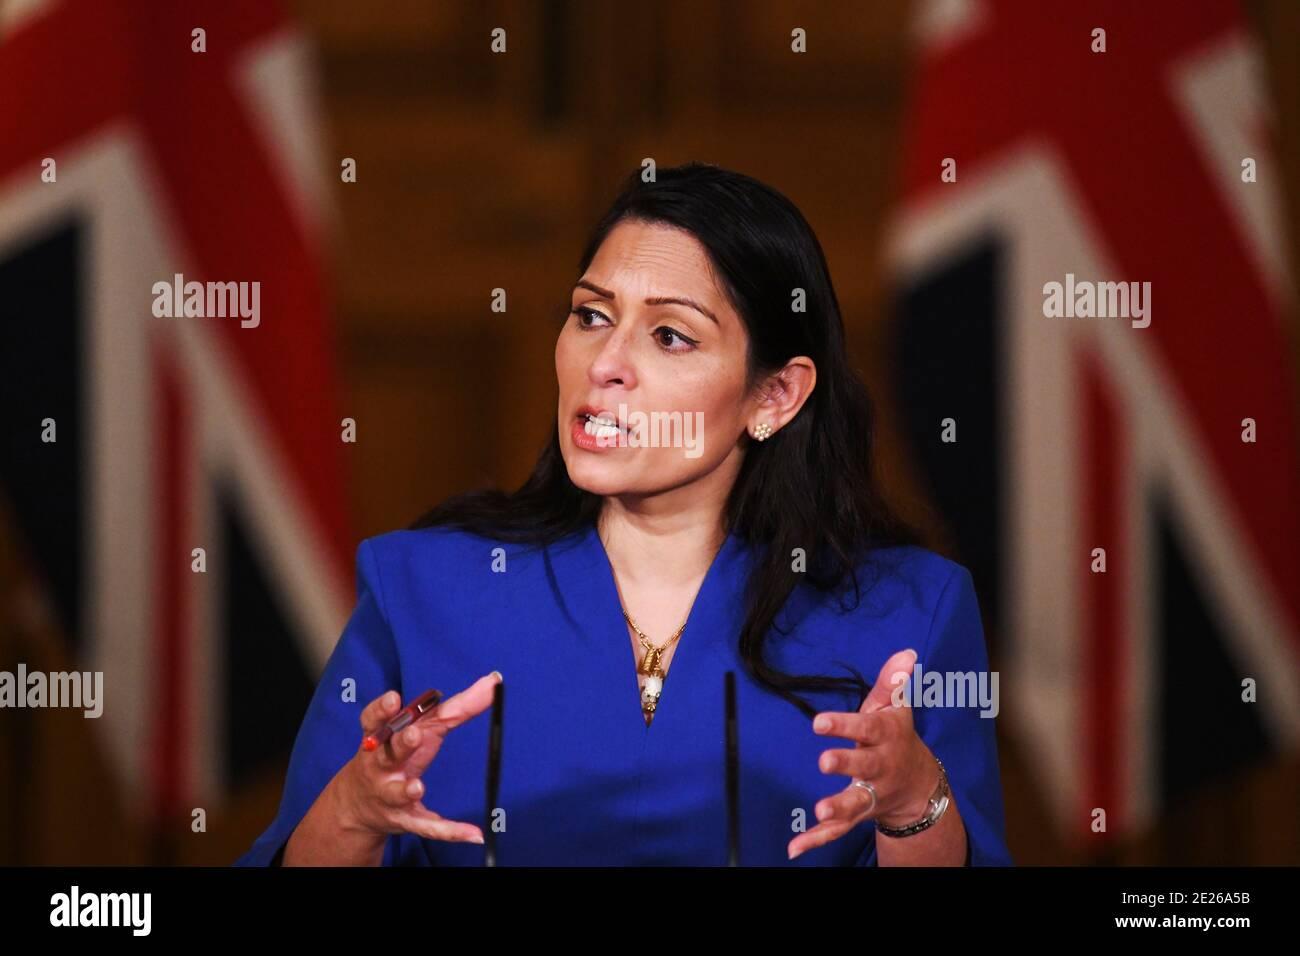 Priti Patel, ministre britannique de l'intérieur, s'exprime lors d'une conférence de presse sur la maladie du coronavirus (COVID-19) à Downing Street, à Londres, en Grande-Bretagne, le 12 janvier 2021. Leon Neal/piscine via REUTERS Banque D'Images